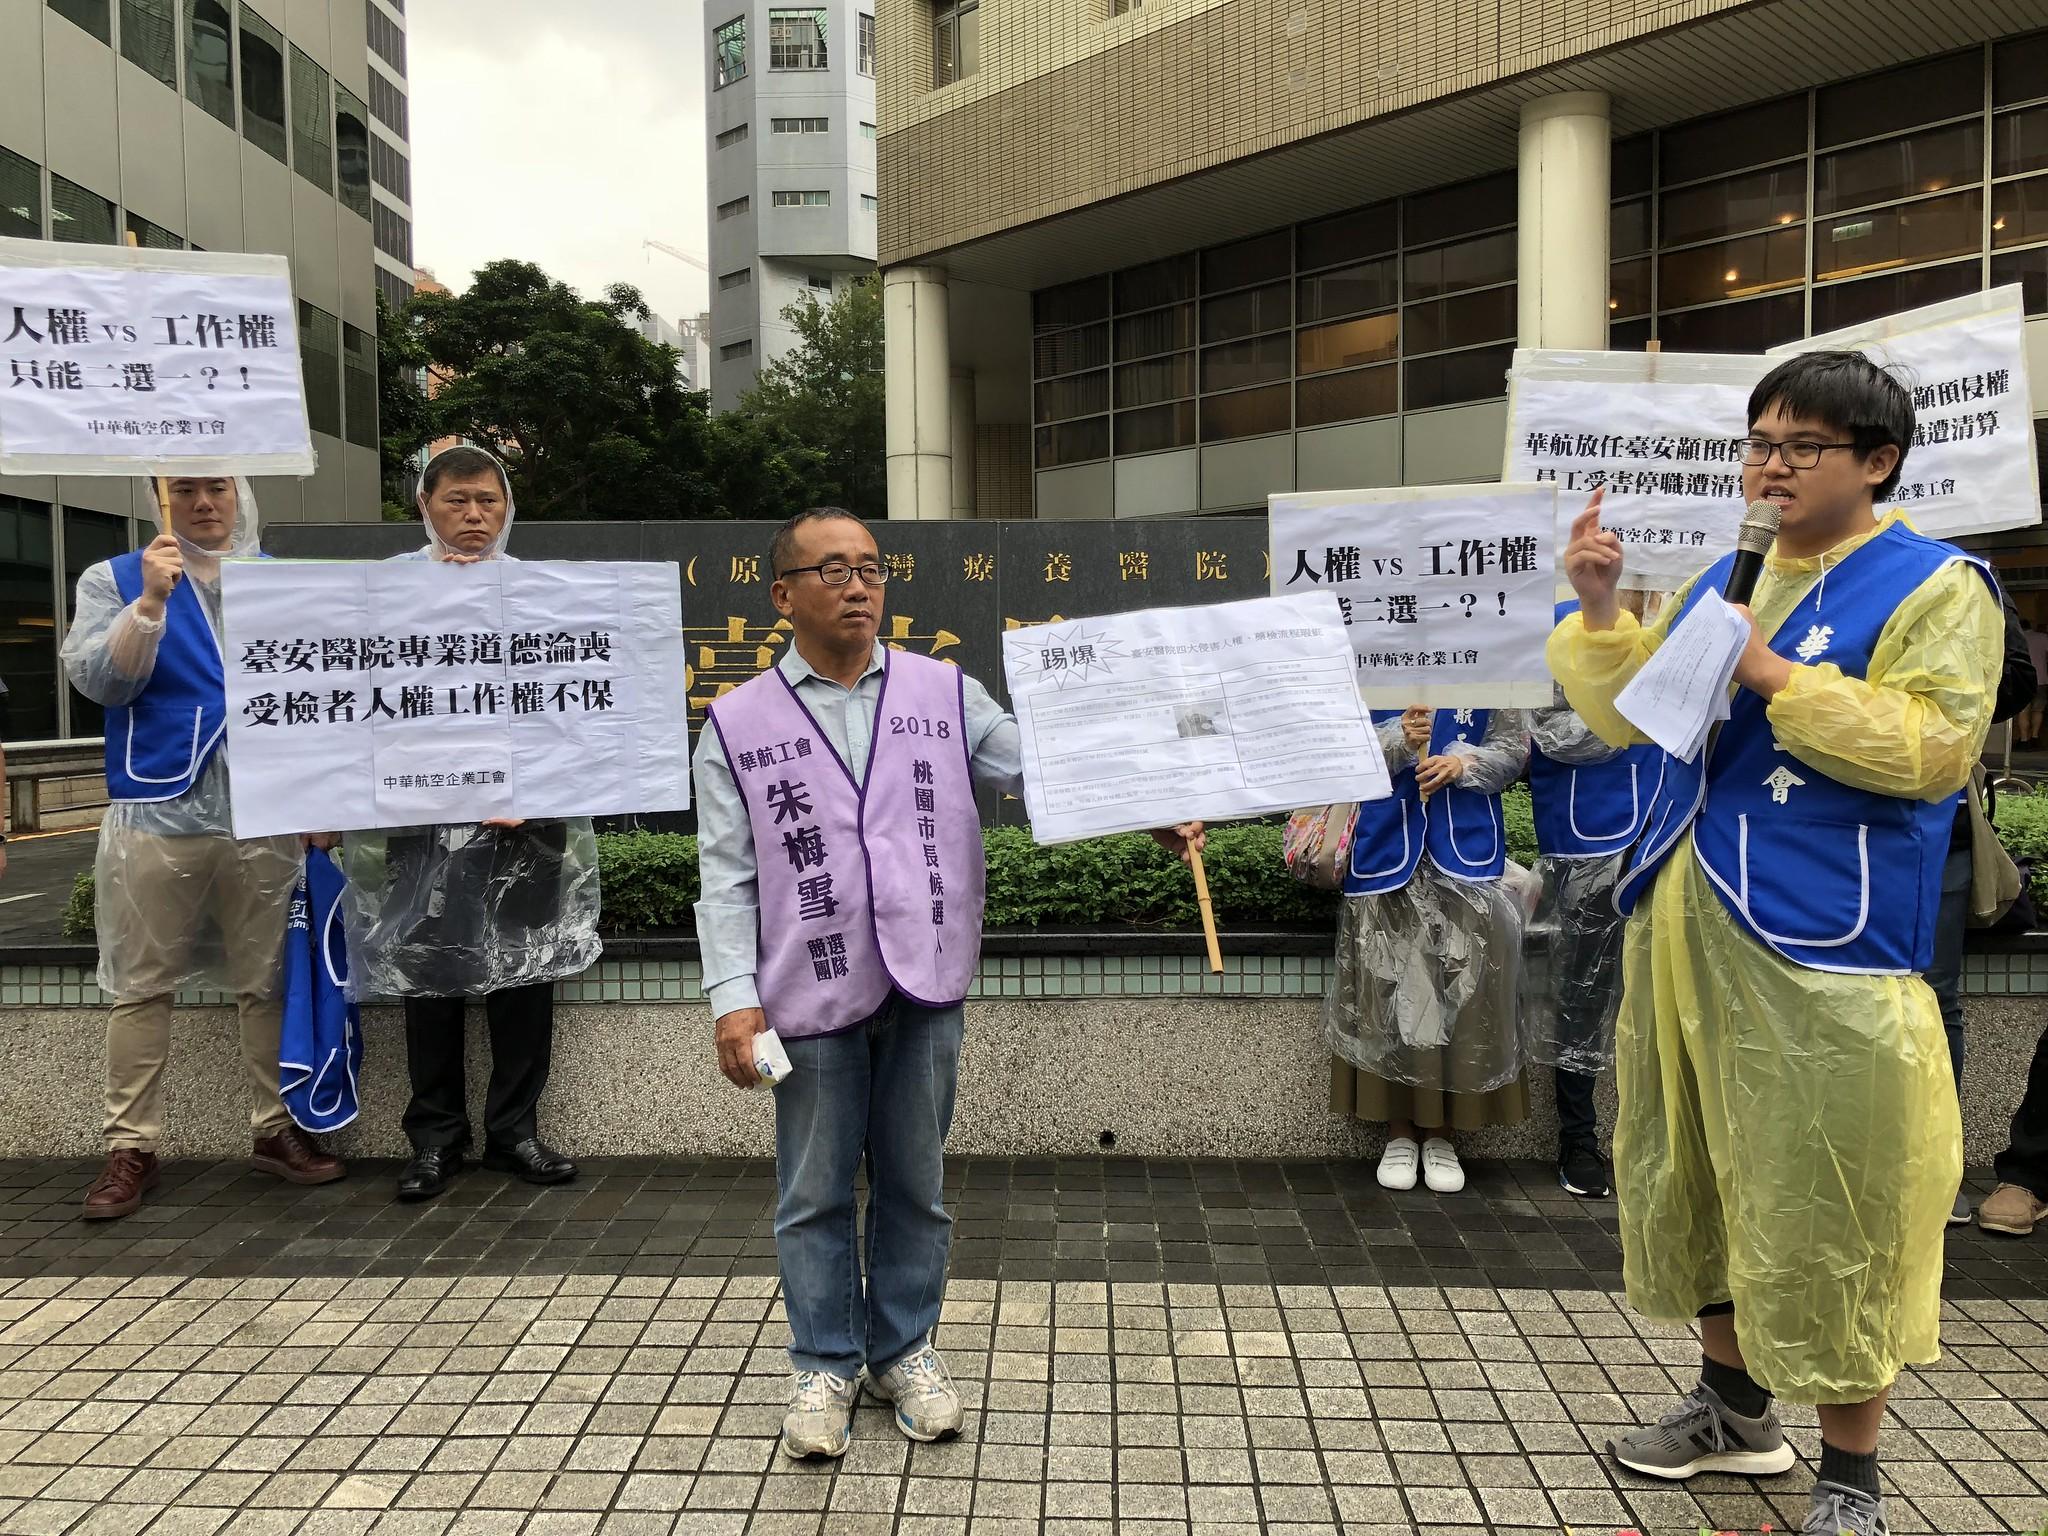 華航工會出面控訴臺安醫院尿檢流程違法,籲華航讓被停職員工復職。(攝影:王顥中)